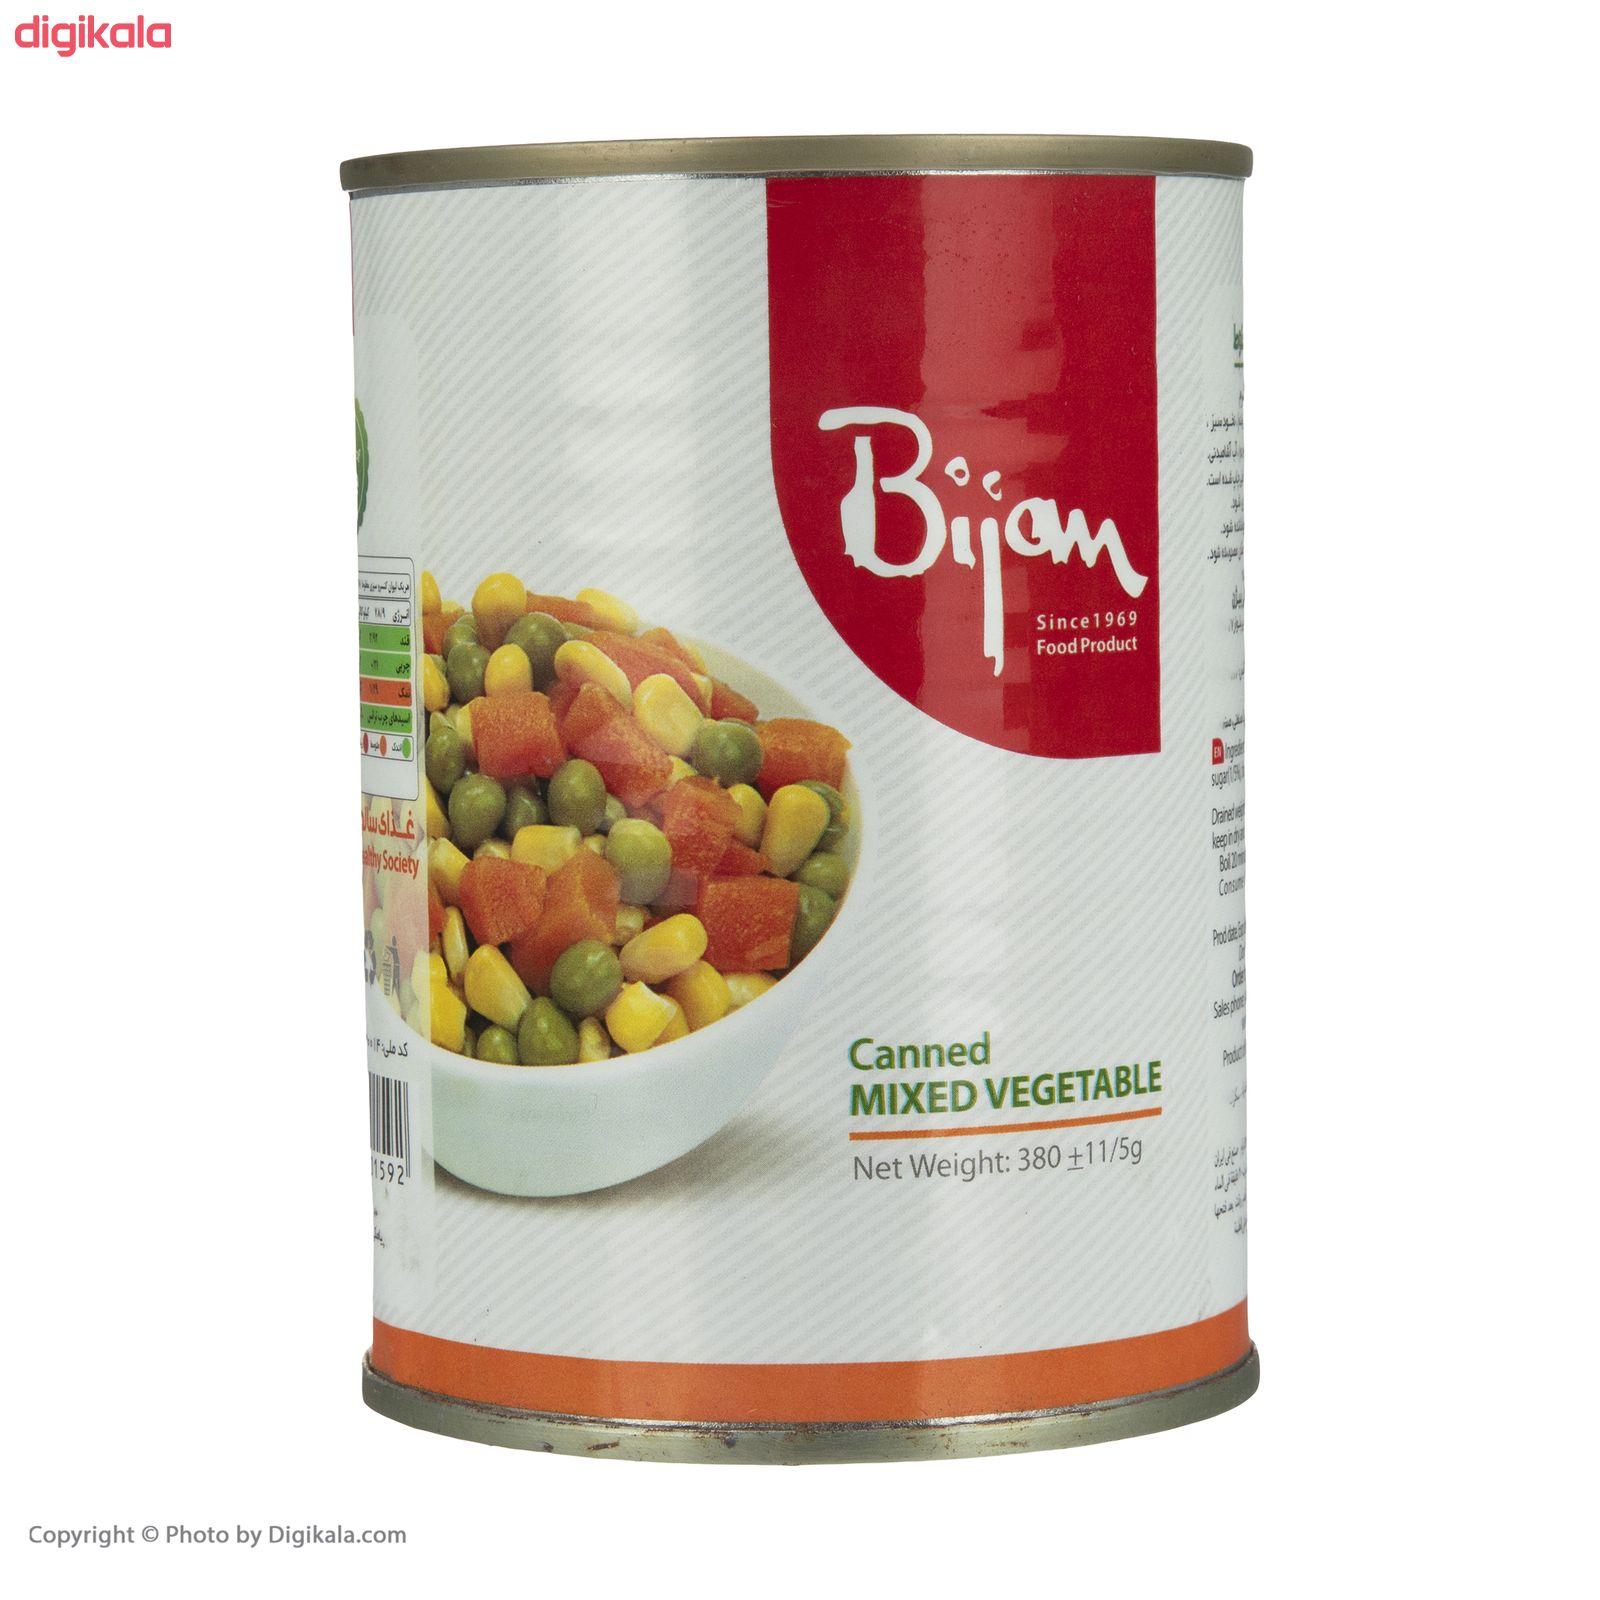 کنسرو سبزی مخلوط بیژن - 380 گرم main 1 2